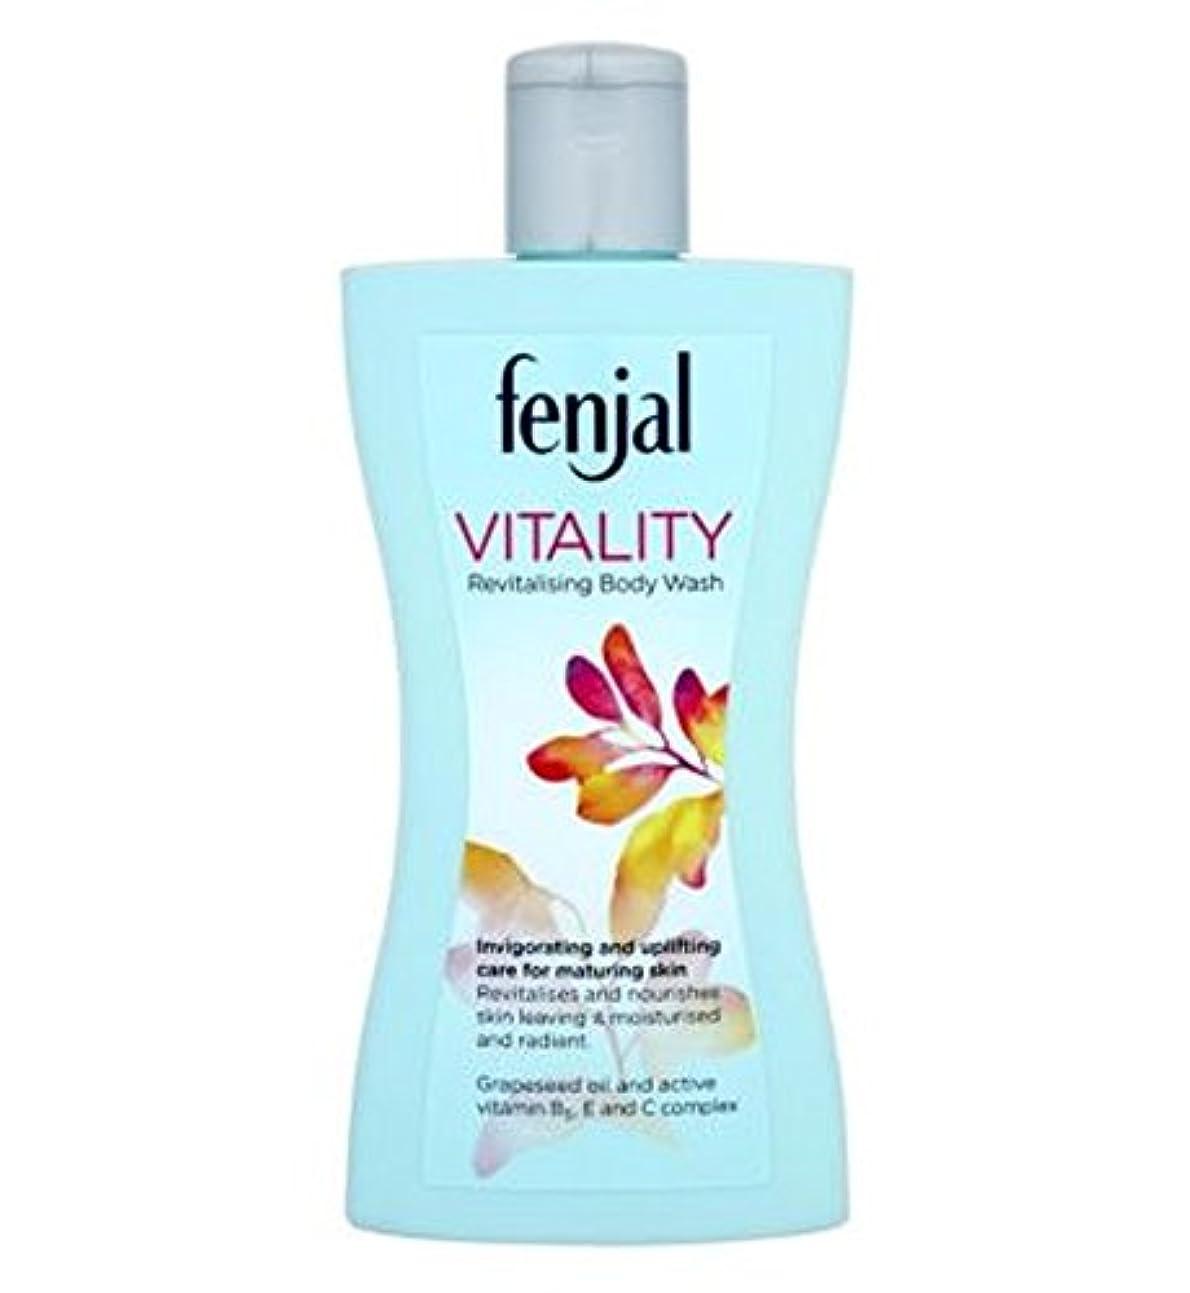 バイオレット分子対処Fenjal Vitality revitalising Body Wash - Fenjal活力活性化ボディウォッシュ (Fenjal) [並行輸入品]